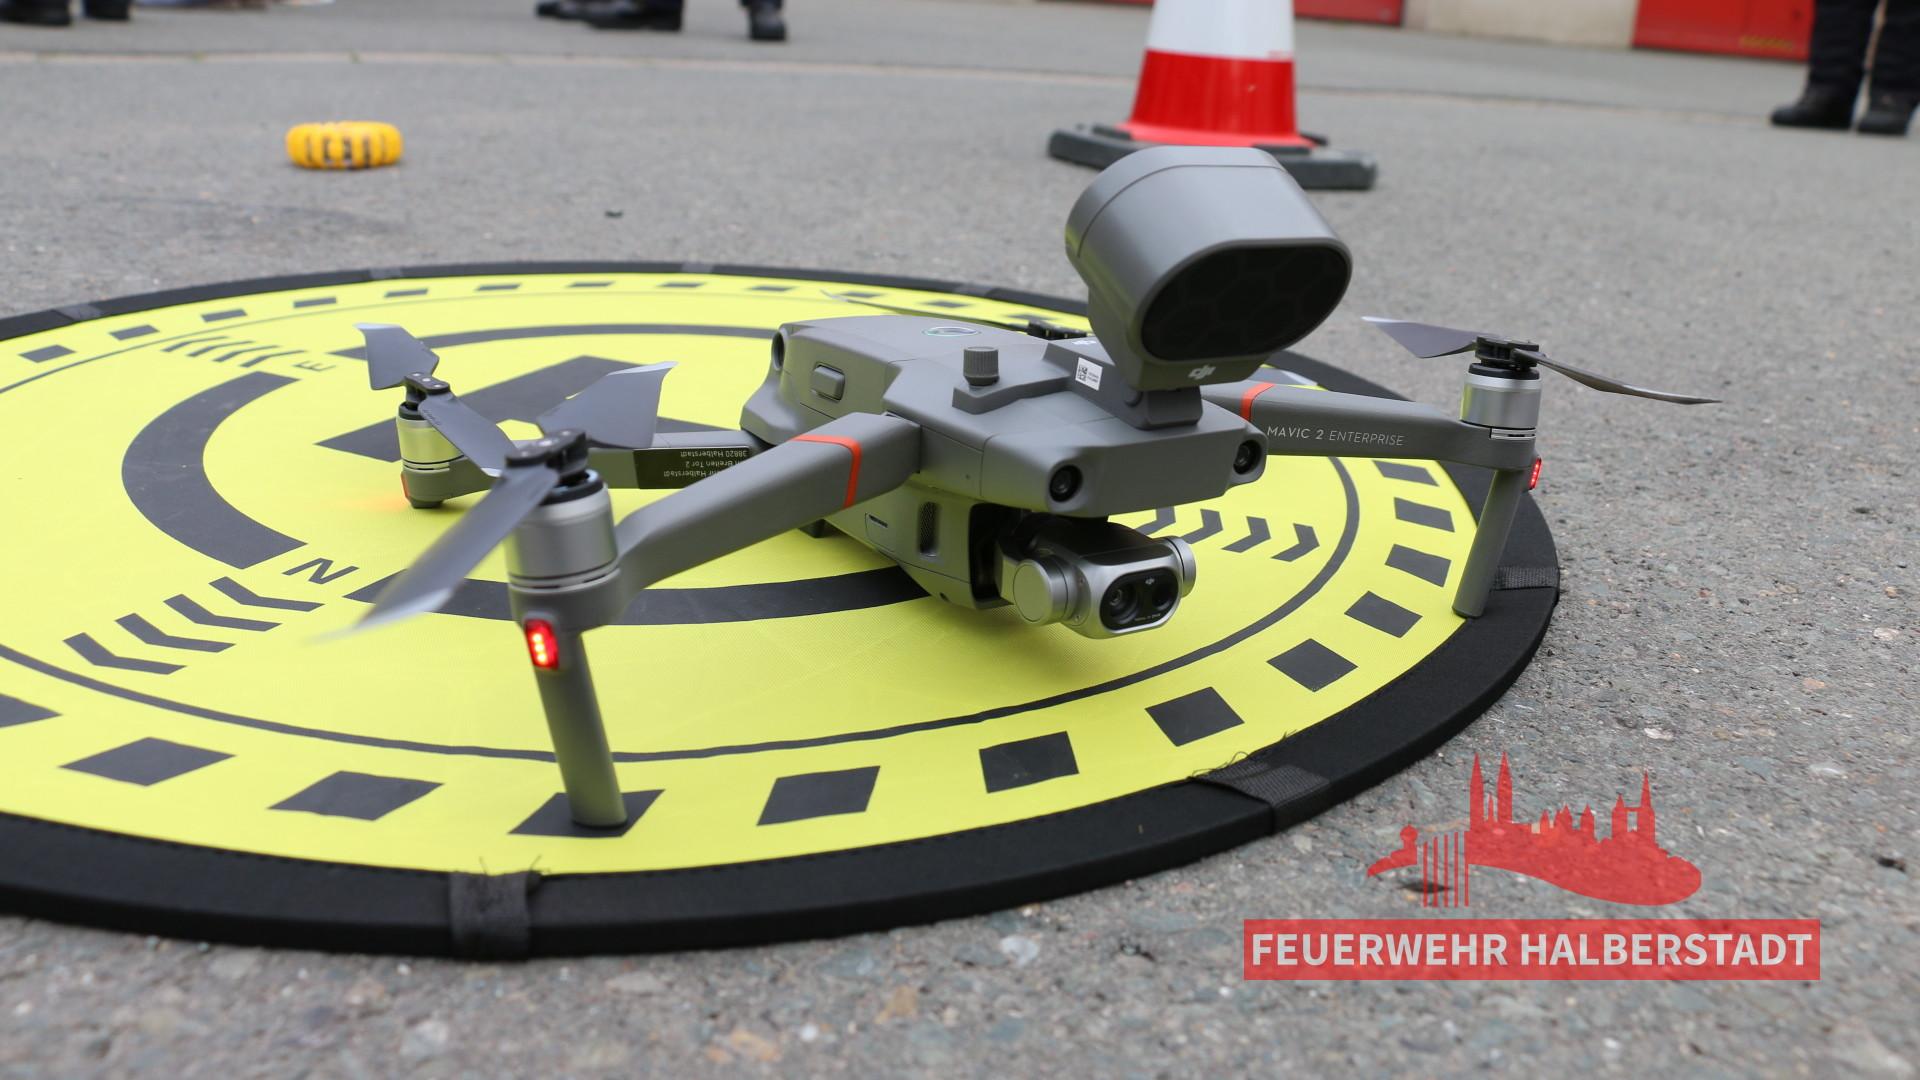 """""""Das Auge von oben"""" – Feuerwehr-Drohne offiziell übergeben"""